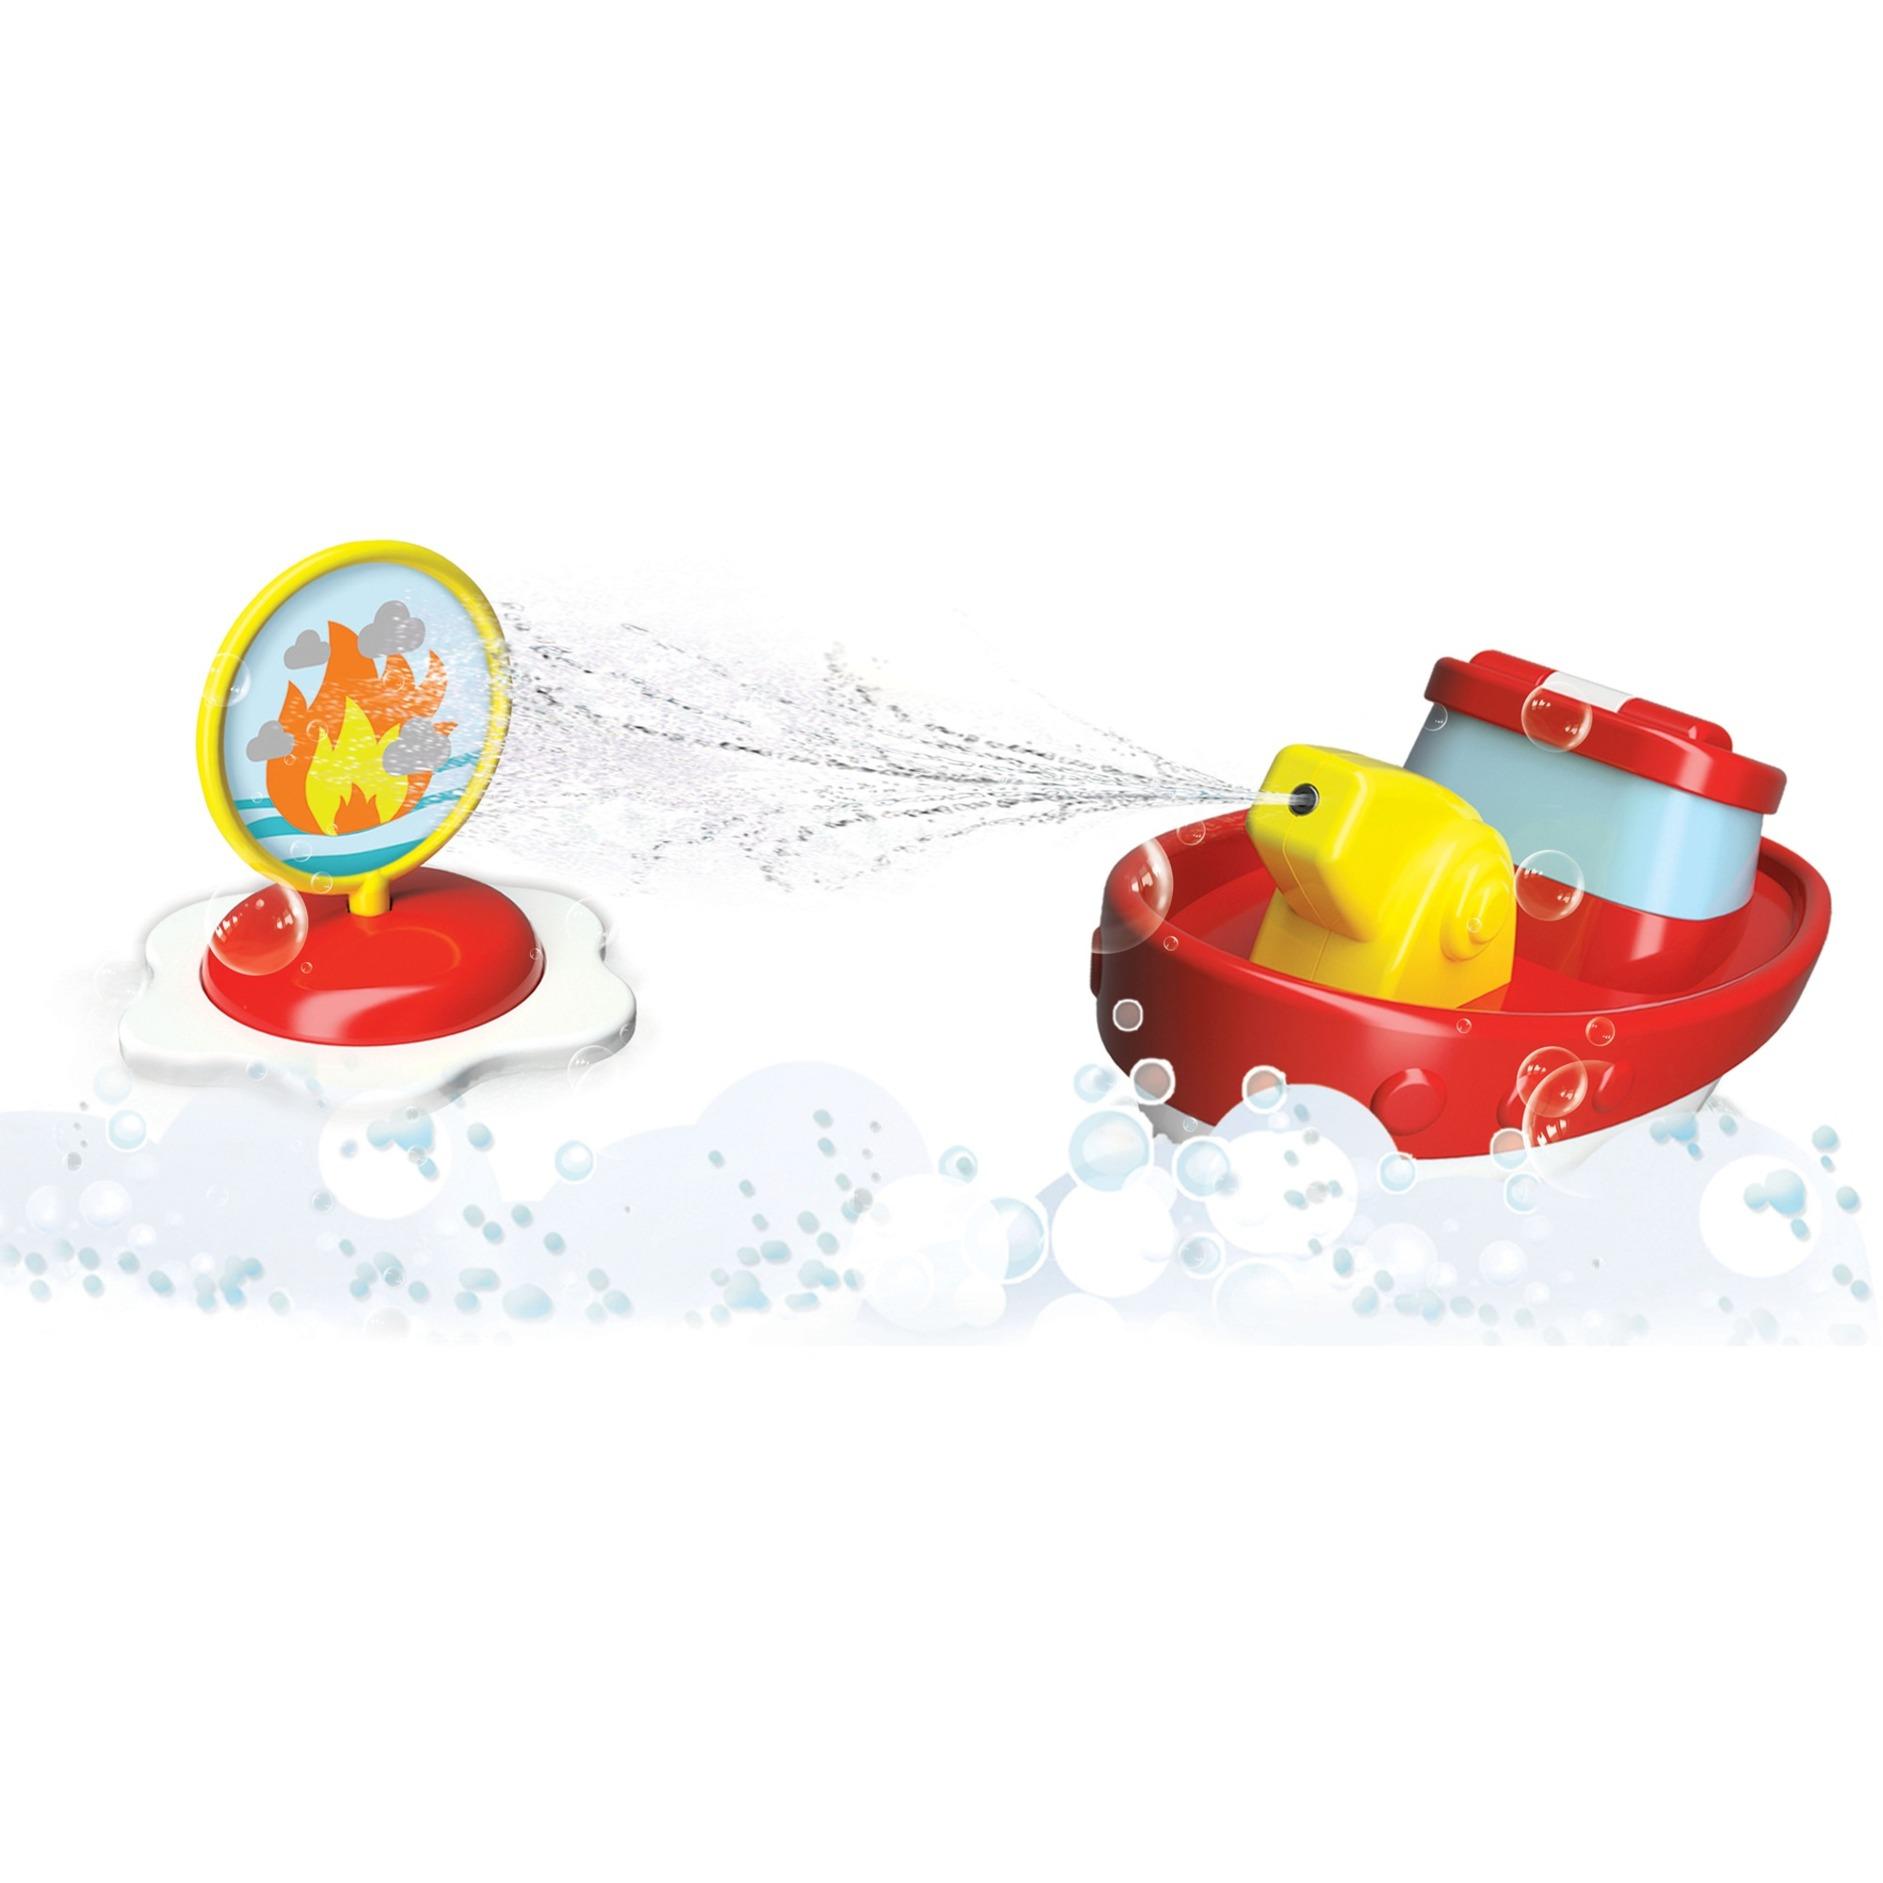 Image of BB Junior Fire Boat mit Spritze und Zielscheibe, Wasserspielzeug